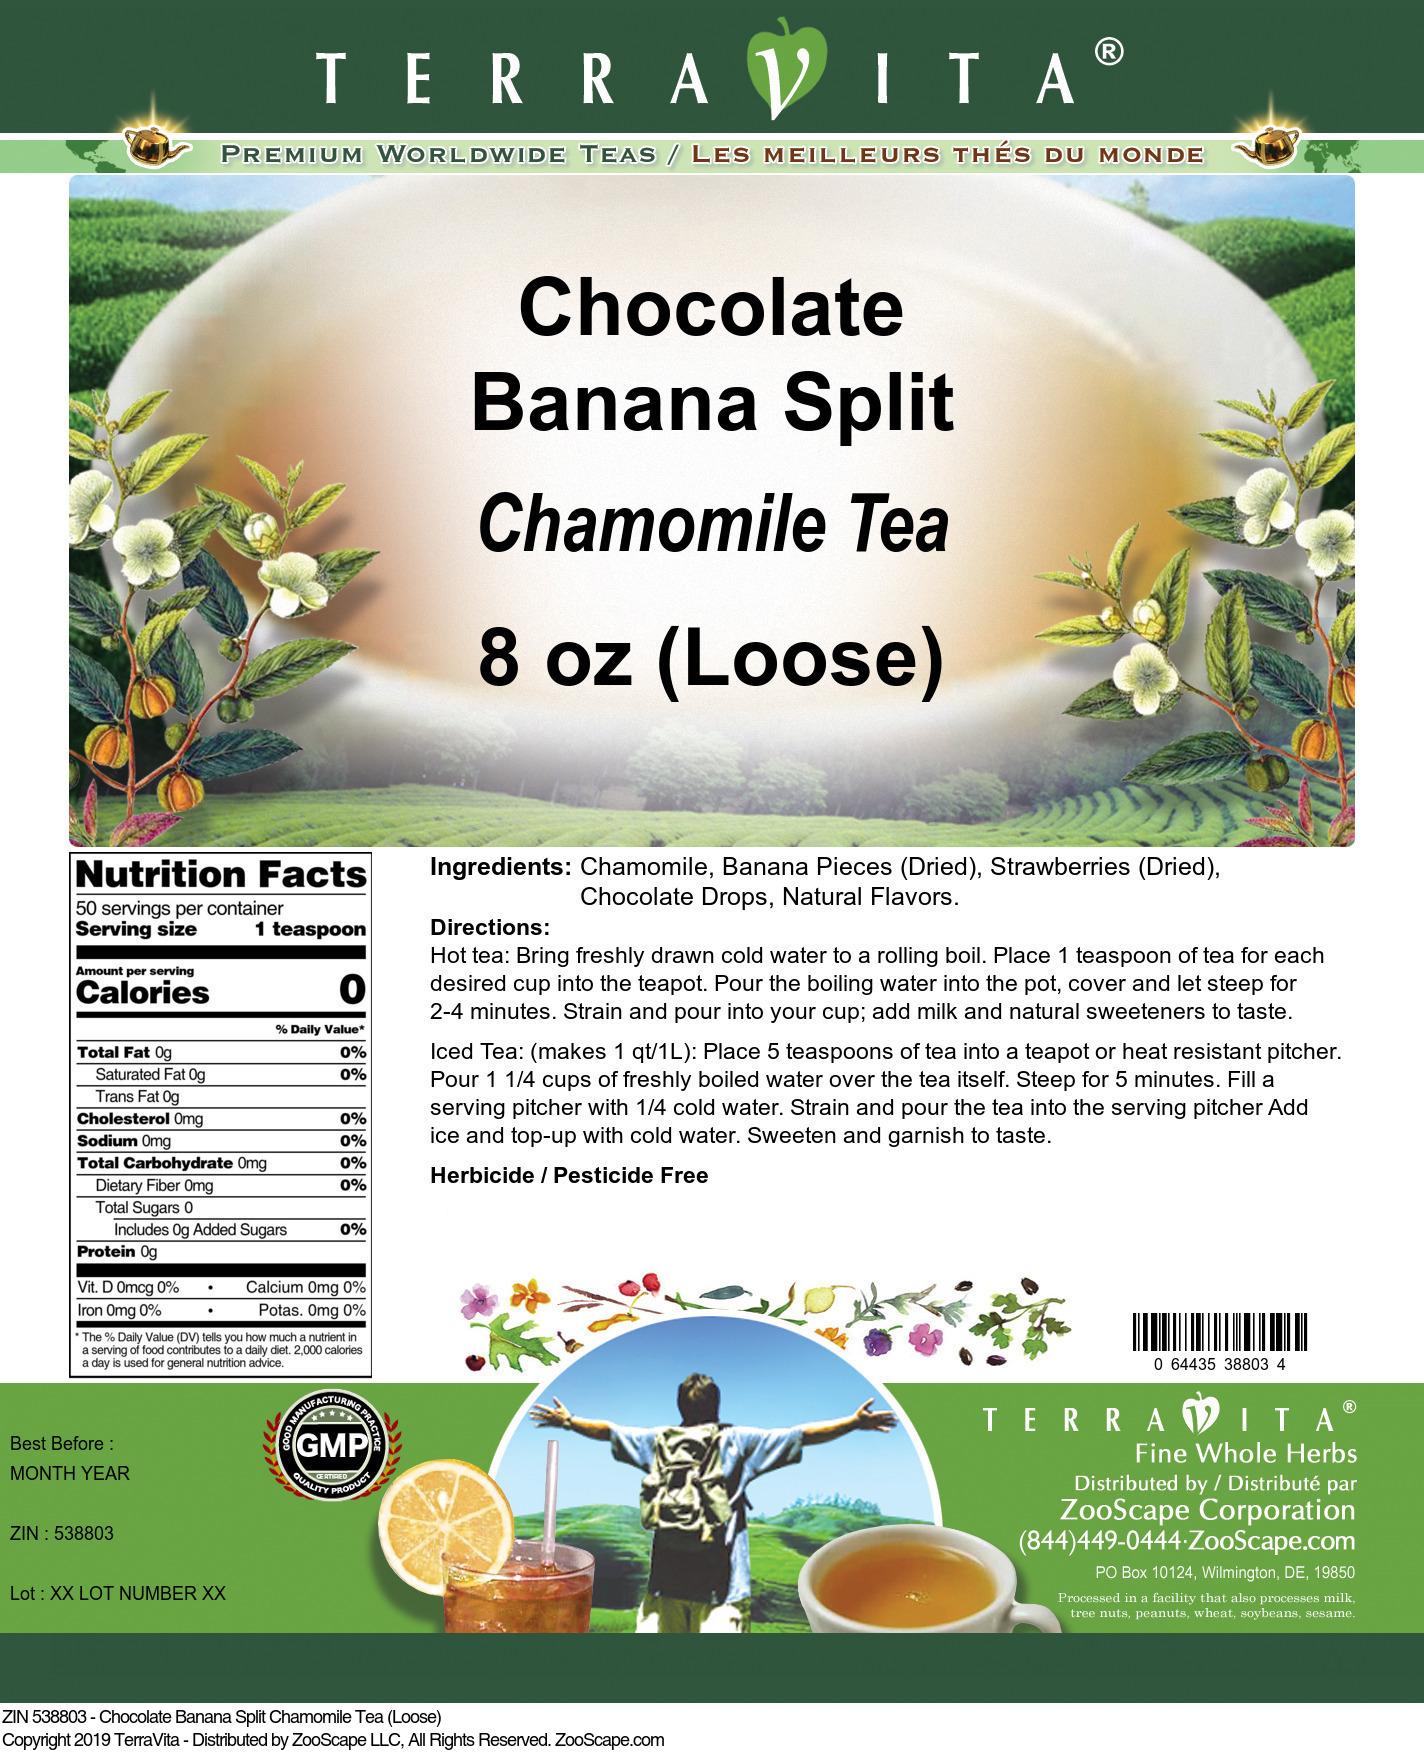 Chocolate Banana Split Chamomile Tea